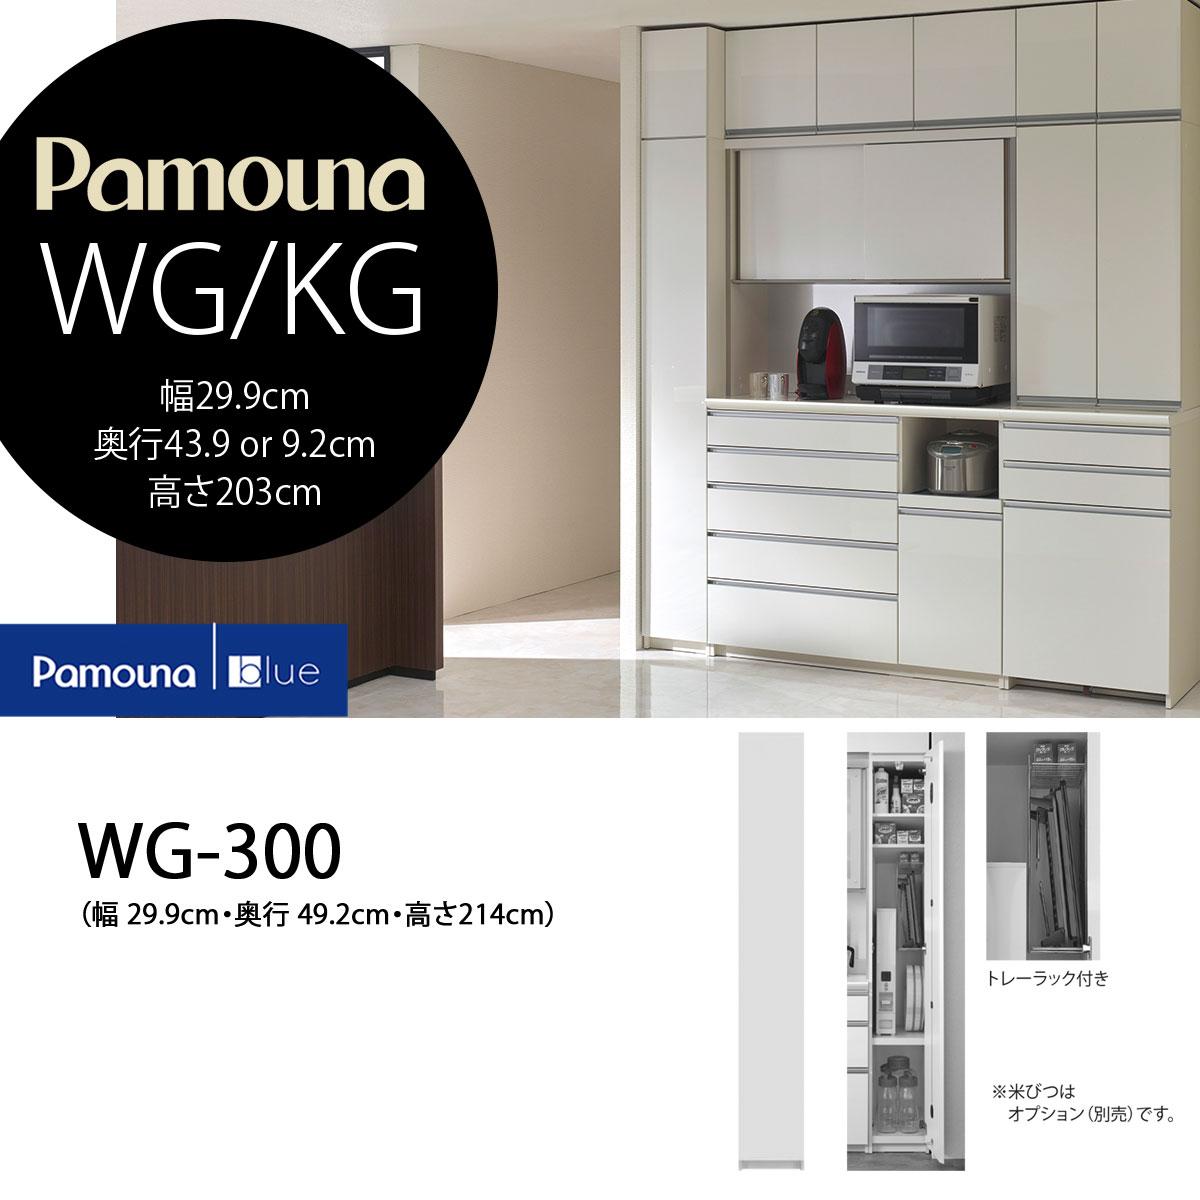 食器棚 パモウナ ハイカウンター WG/KG スリムストッカー 【幅30×奥行50×高さ214cm】 パールホワイト WG-300